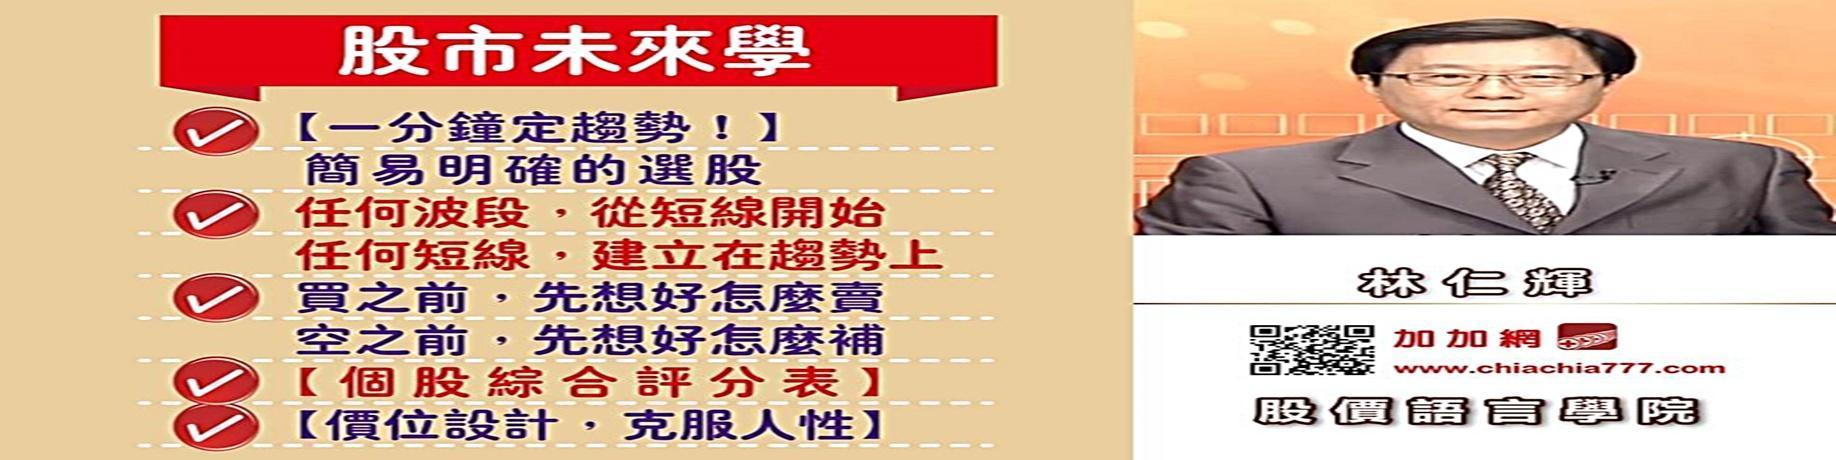 林仁輝 / 股未來學【一分鐘定趨勢!】【個股綜合評分表】 股價語言學院 / 加加網  【價位設計,克服人性】 http: